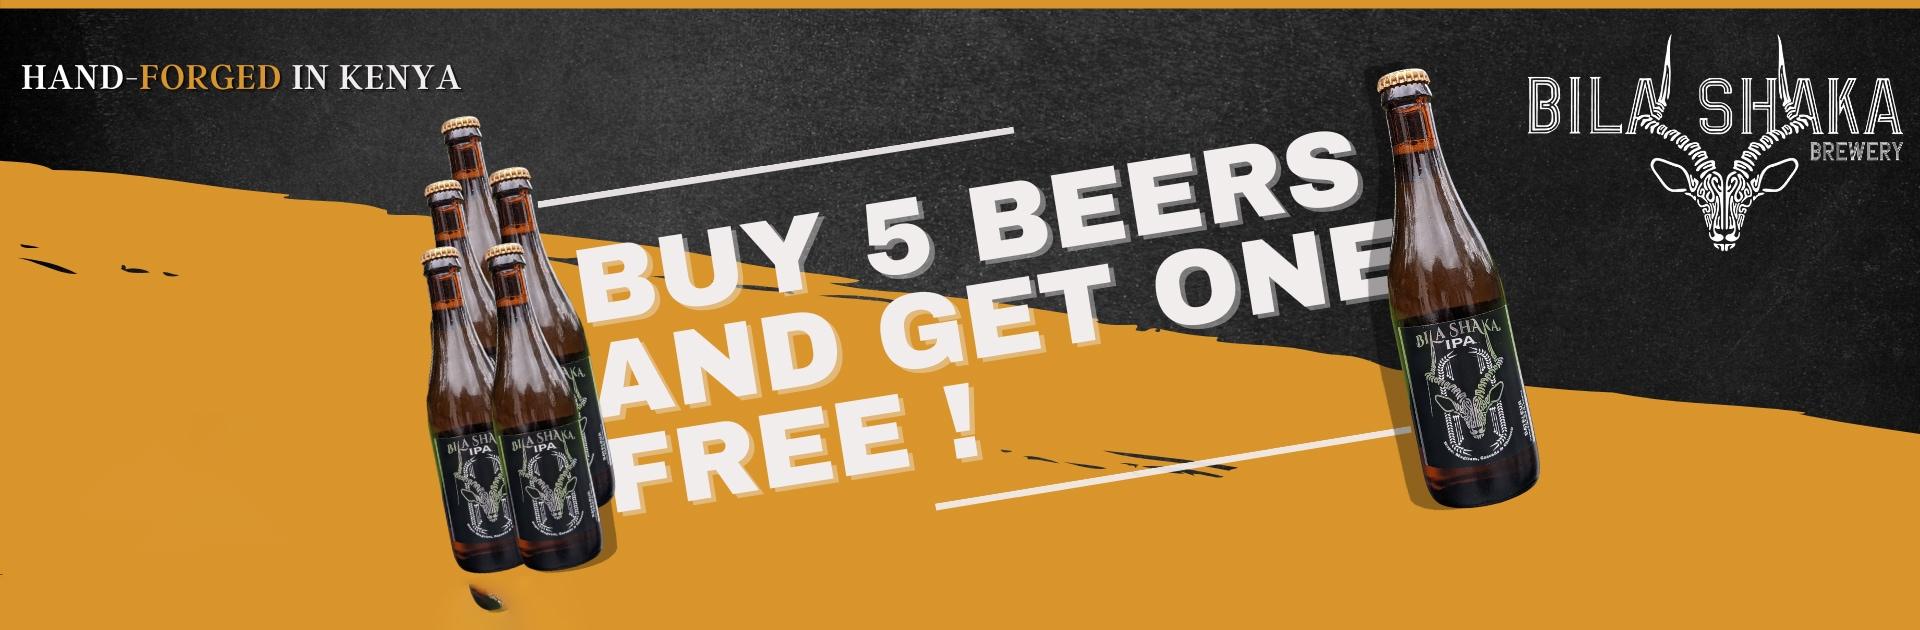 Buy 5 Bateleur Beers, get 1 free!